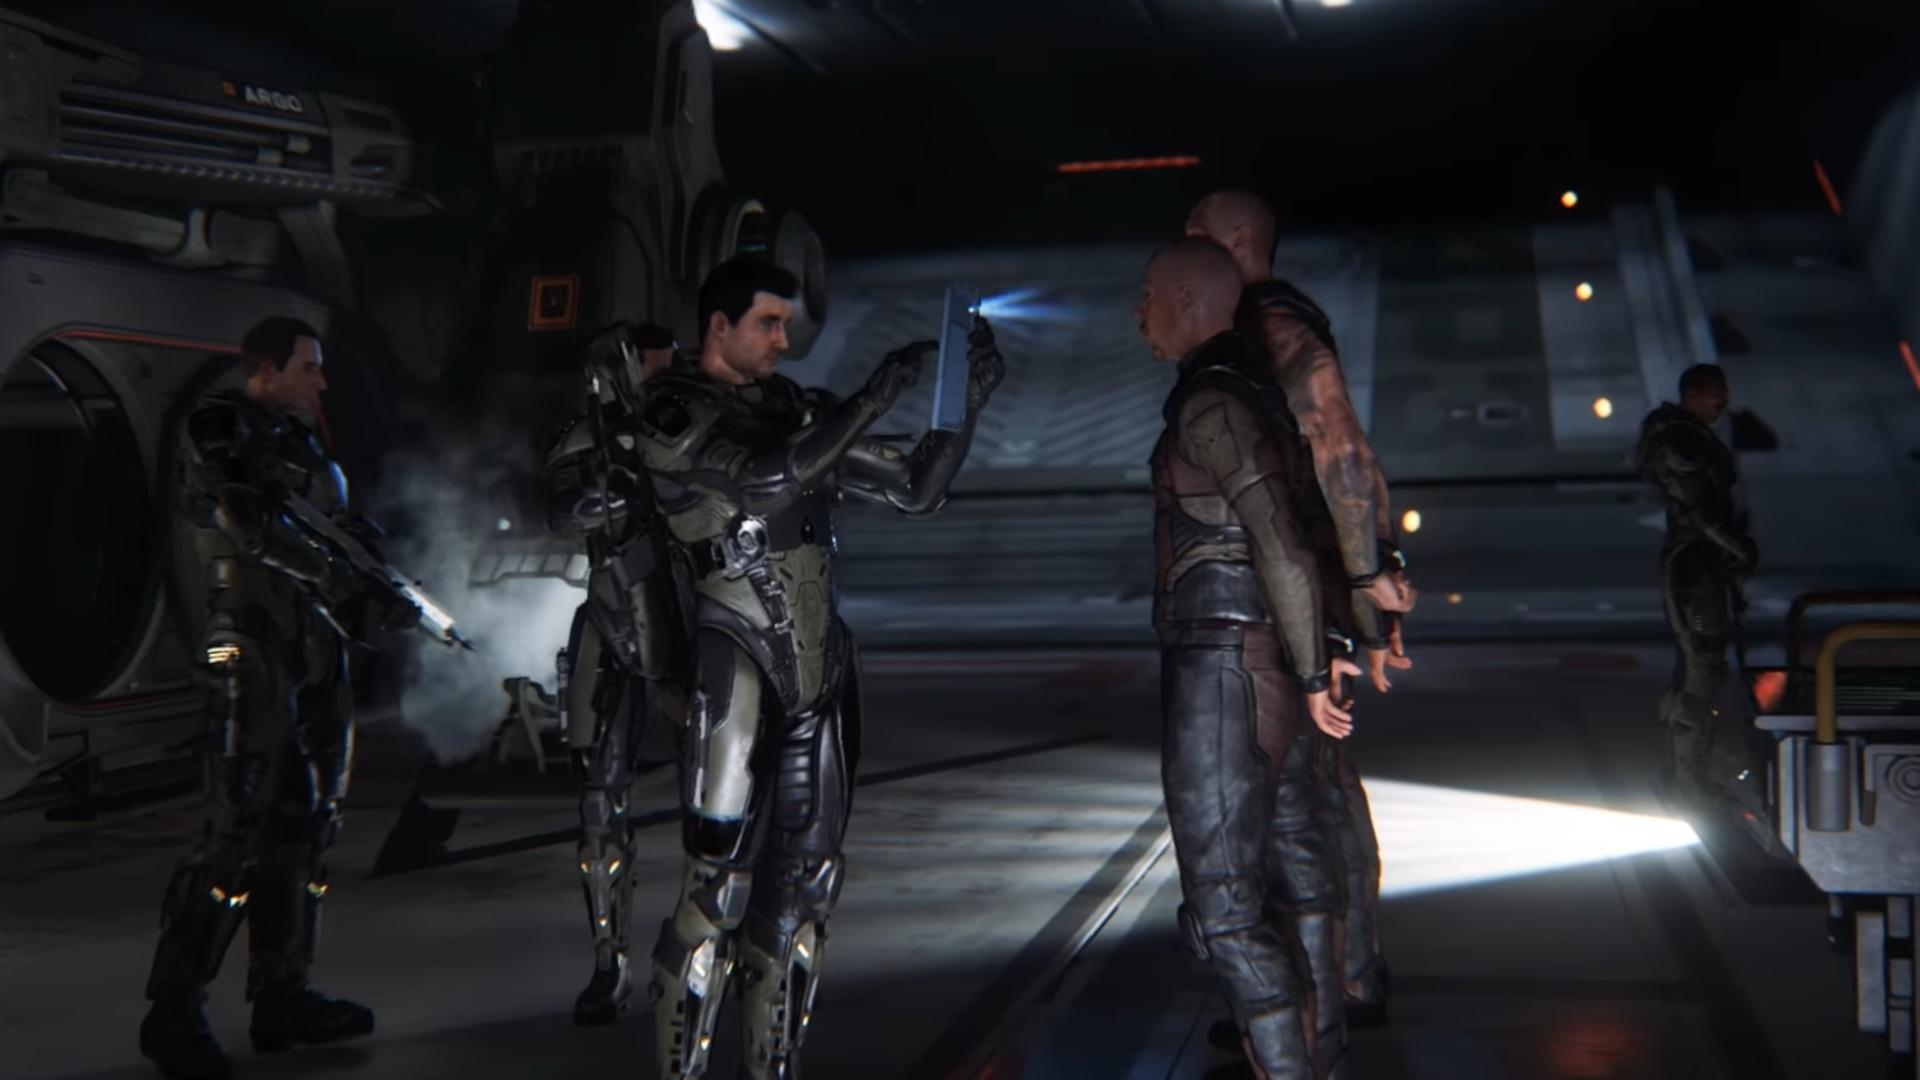 star-citizen-prison-gameplay_6082800.jpg